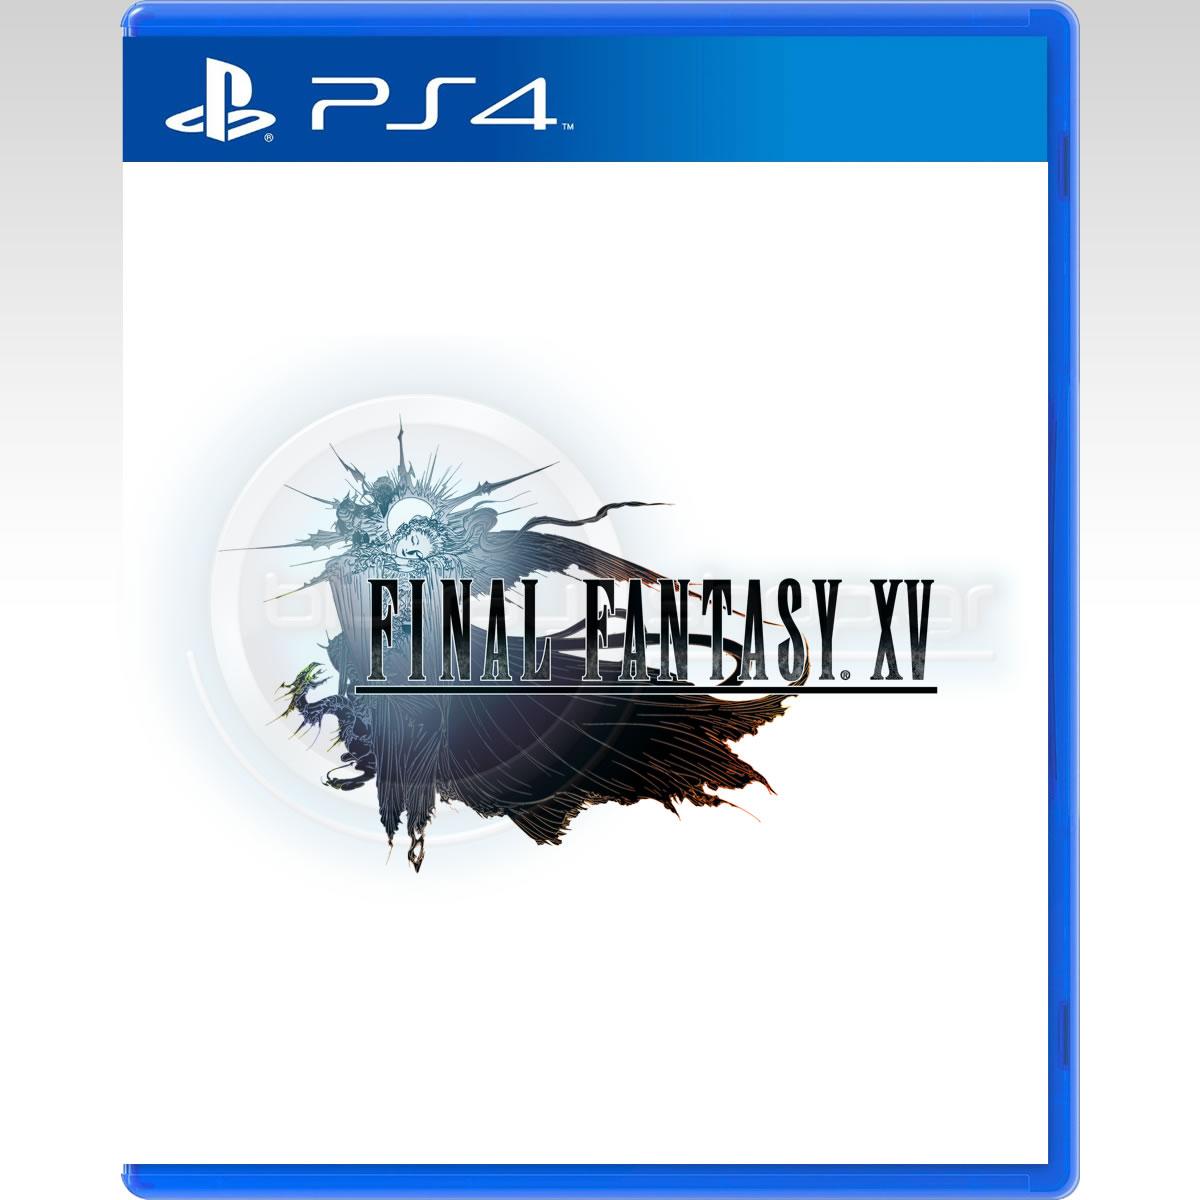 預購中 11月29日發售 亞洲中文版 含特典武器下載卡  [輔導級] PS4 Final Fantasy XV/ 太空戰士 15